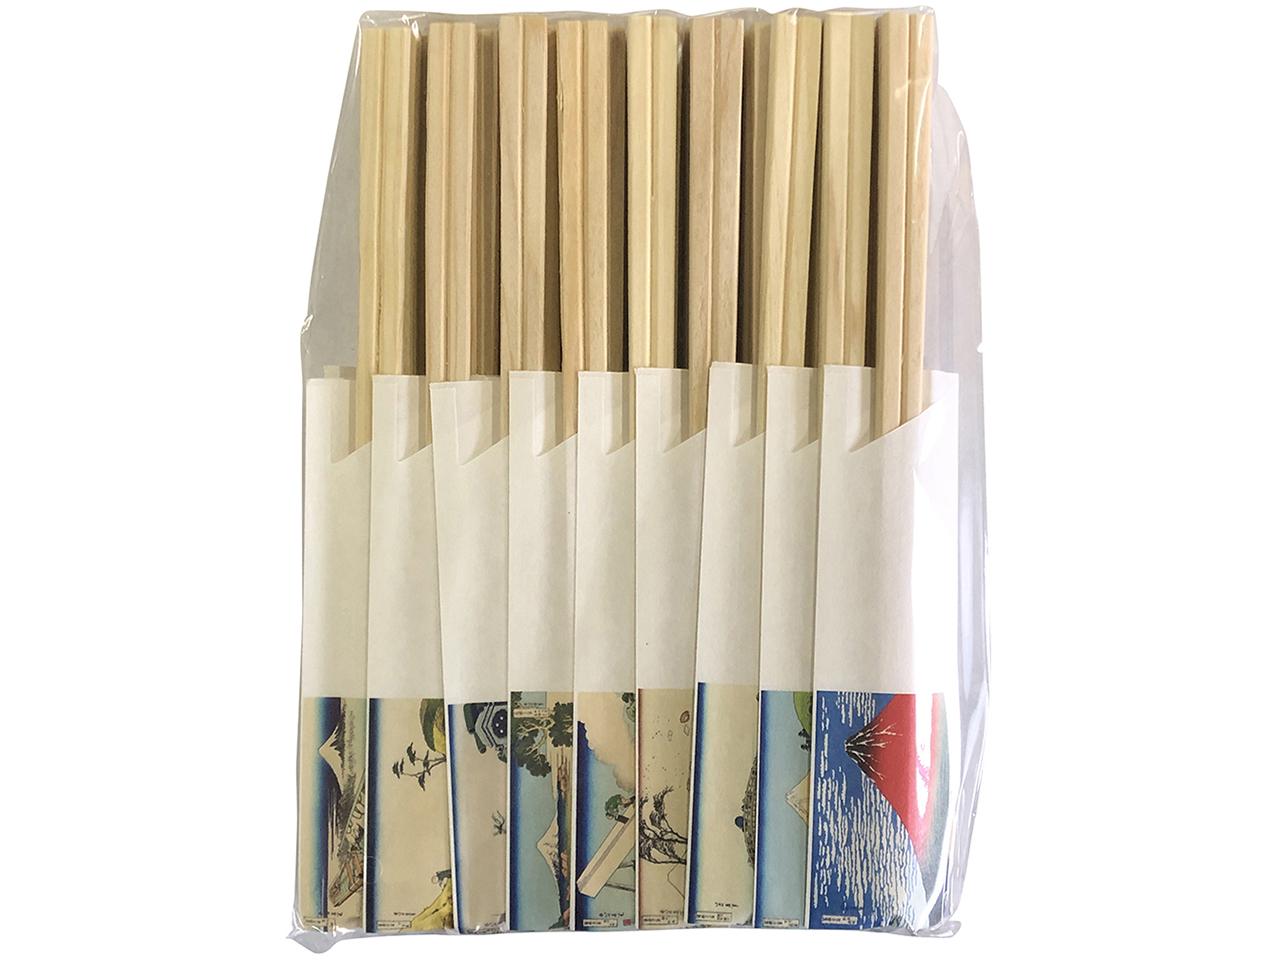 国産ヒノキの割り箸 「富嶽三十六景箸 桧元禄36膳」 ポストIN発送対応商品